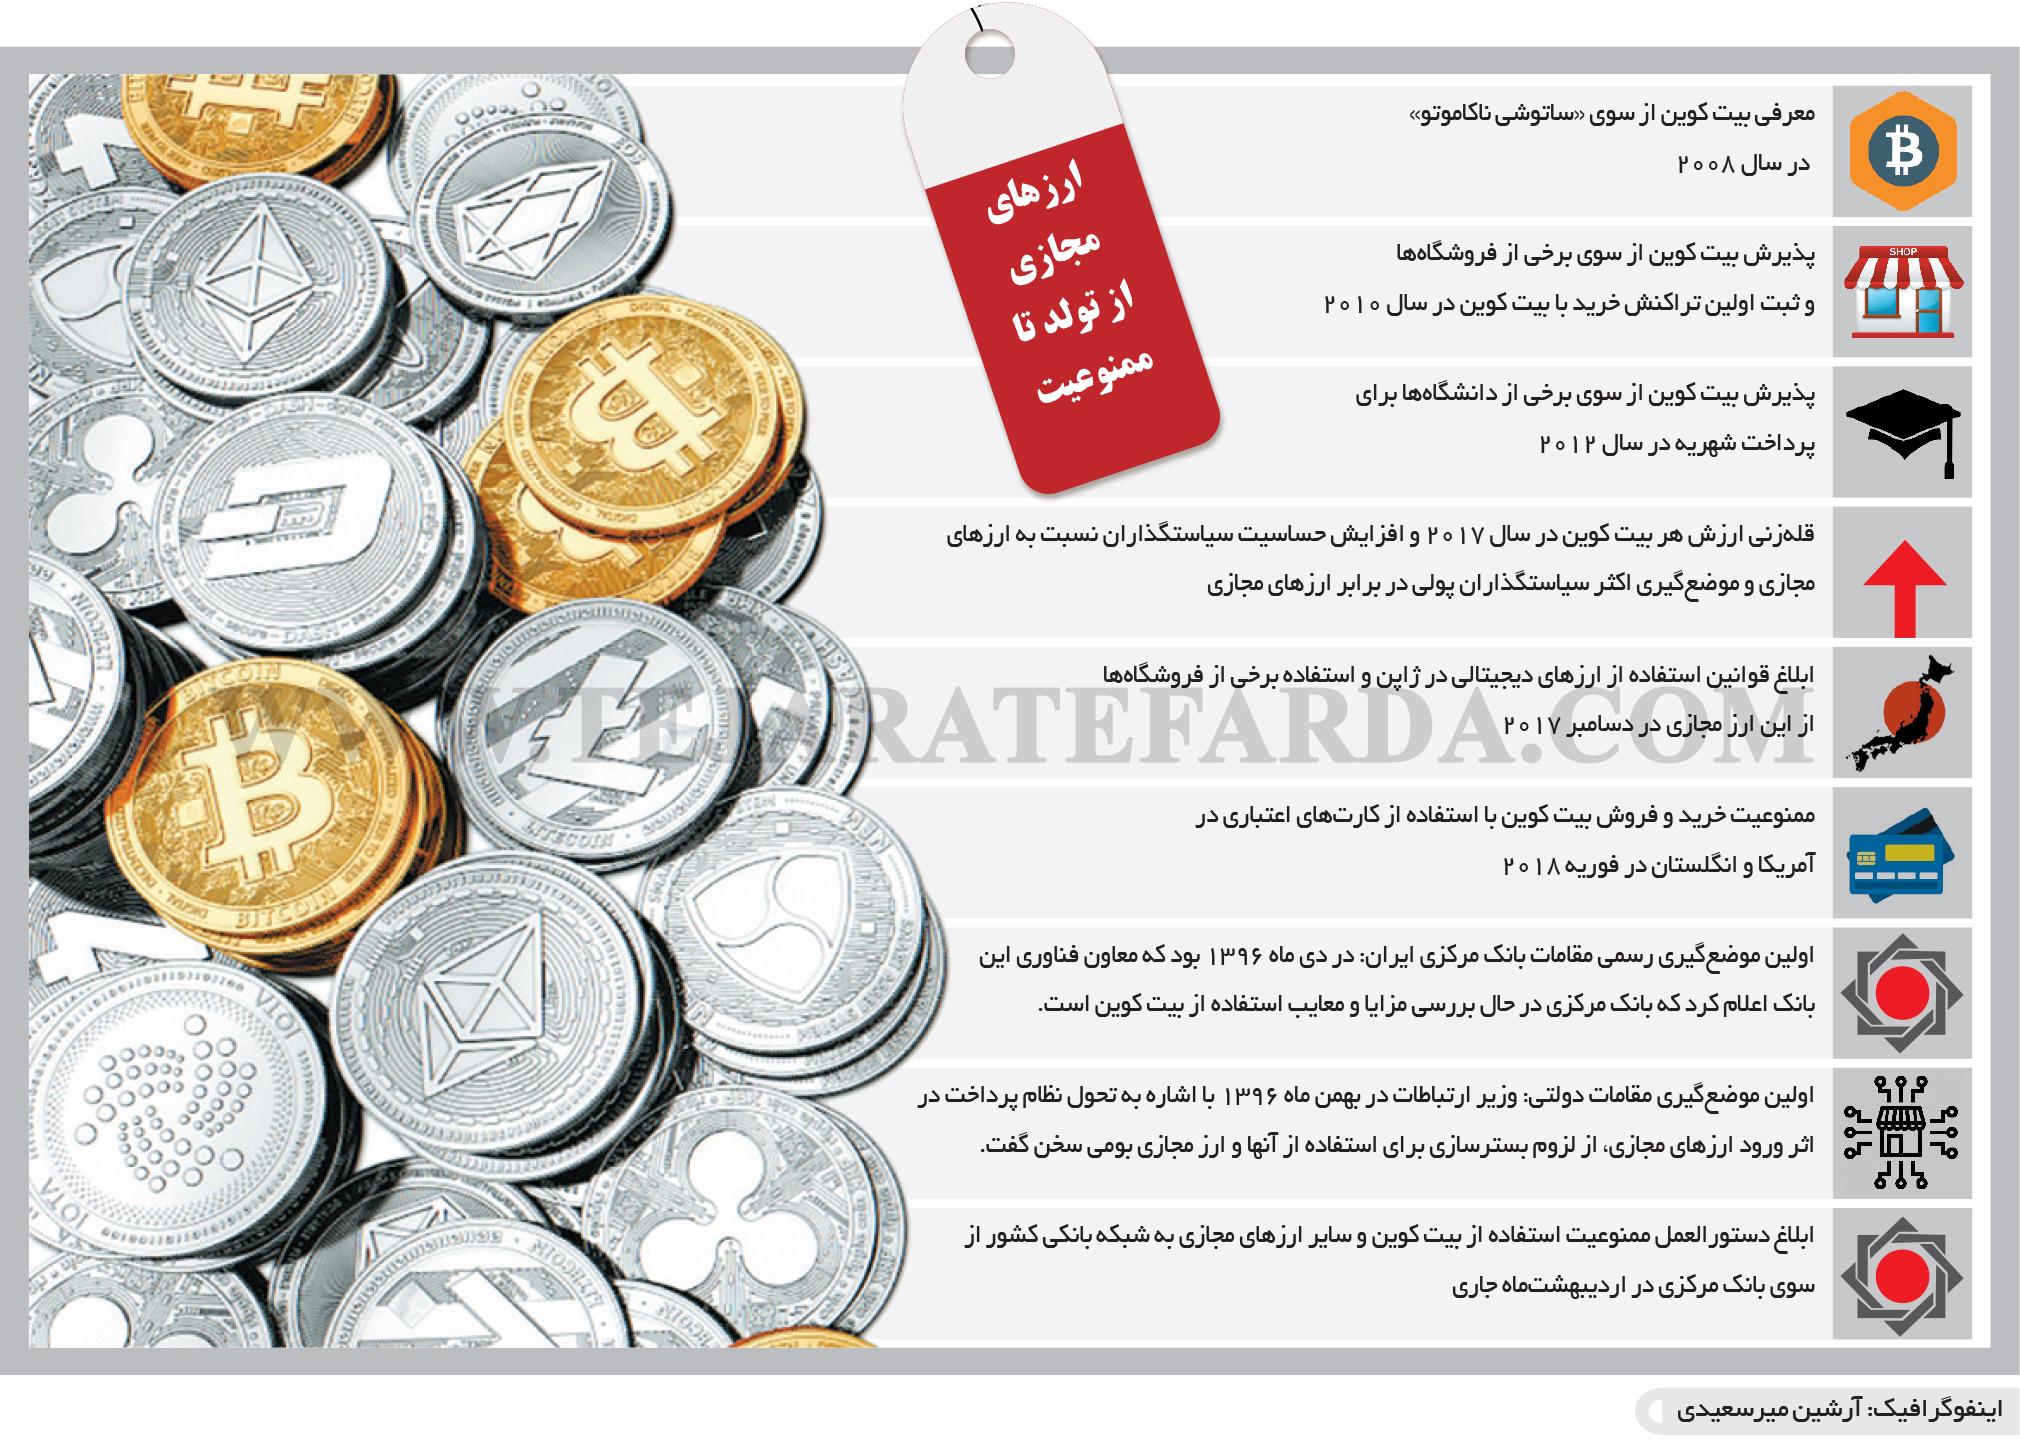 تجارت فردا- اینفوگرافیک- ارزهای مجازی از تولد تا ممنوعیت